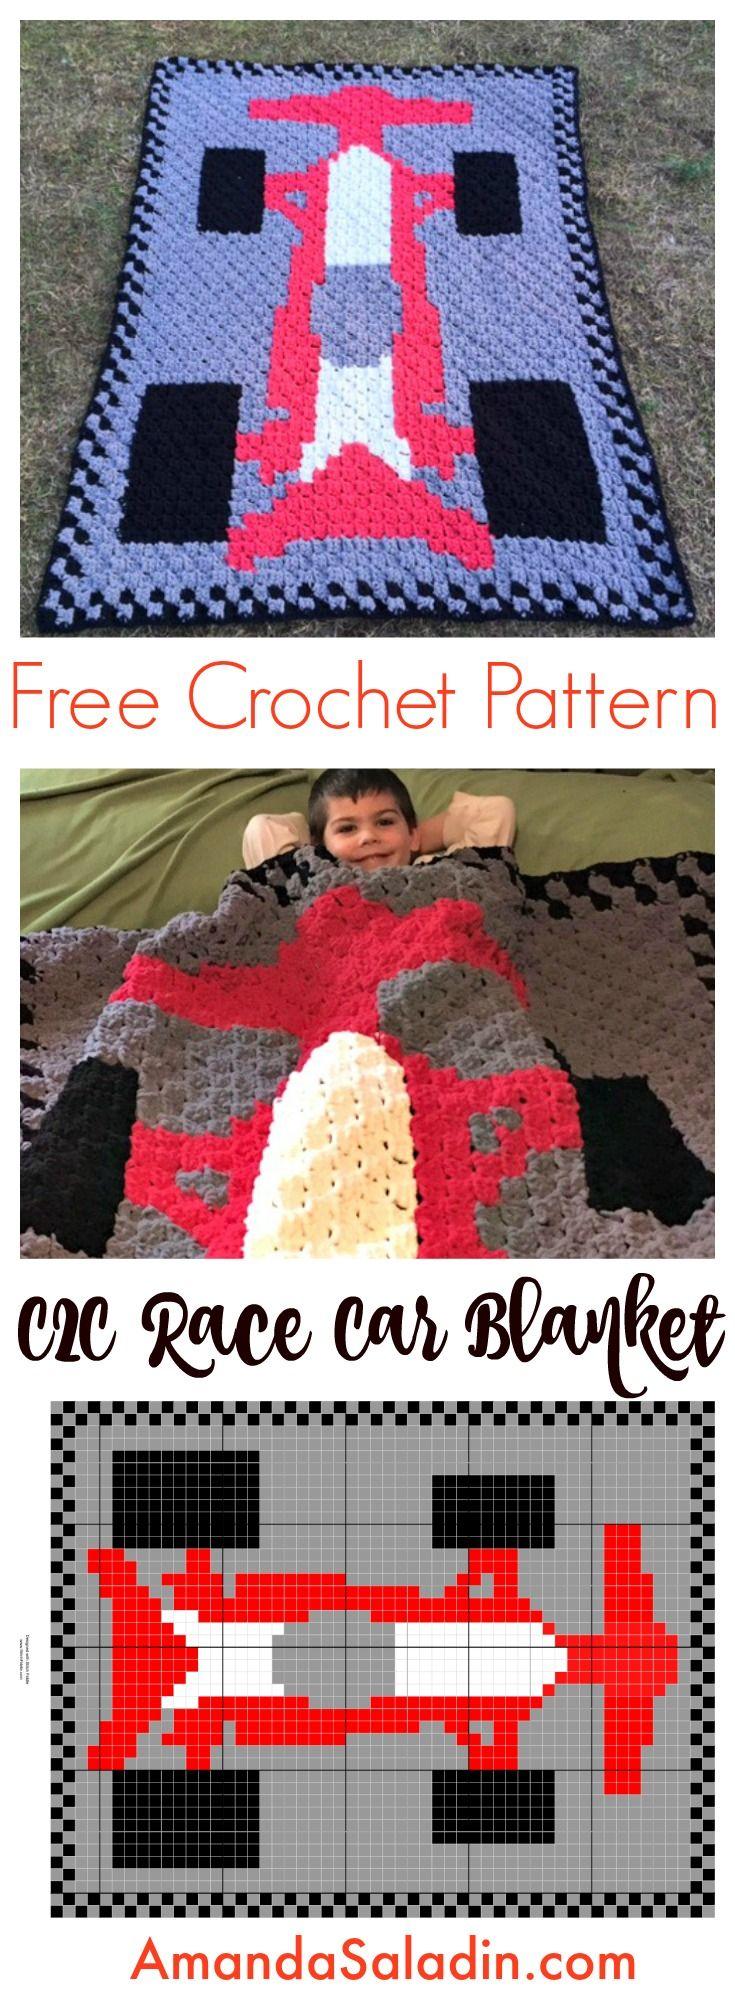 C2C Race Car Blanket - Free Crochet Pattern | Decken, Gehäkelte ...